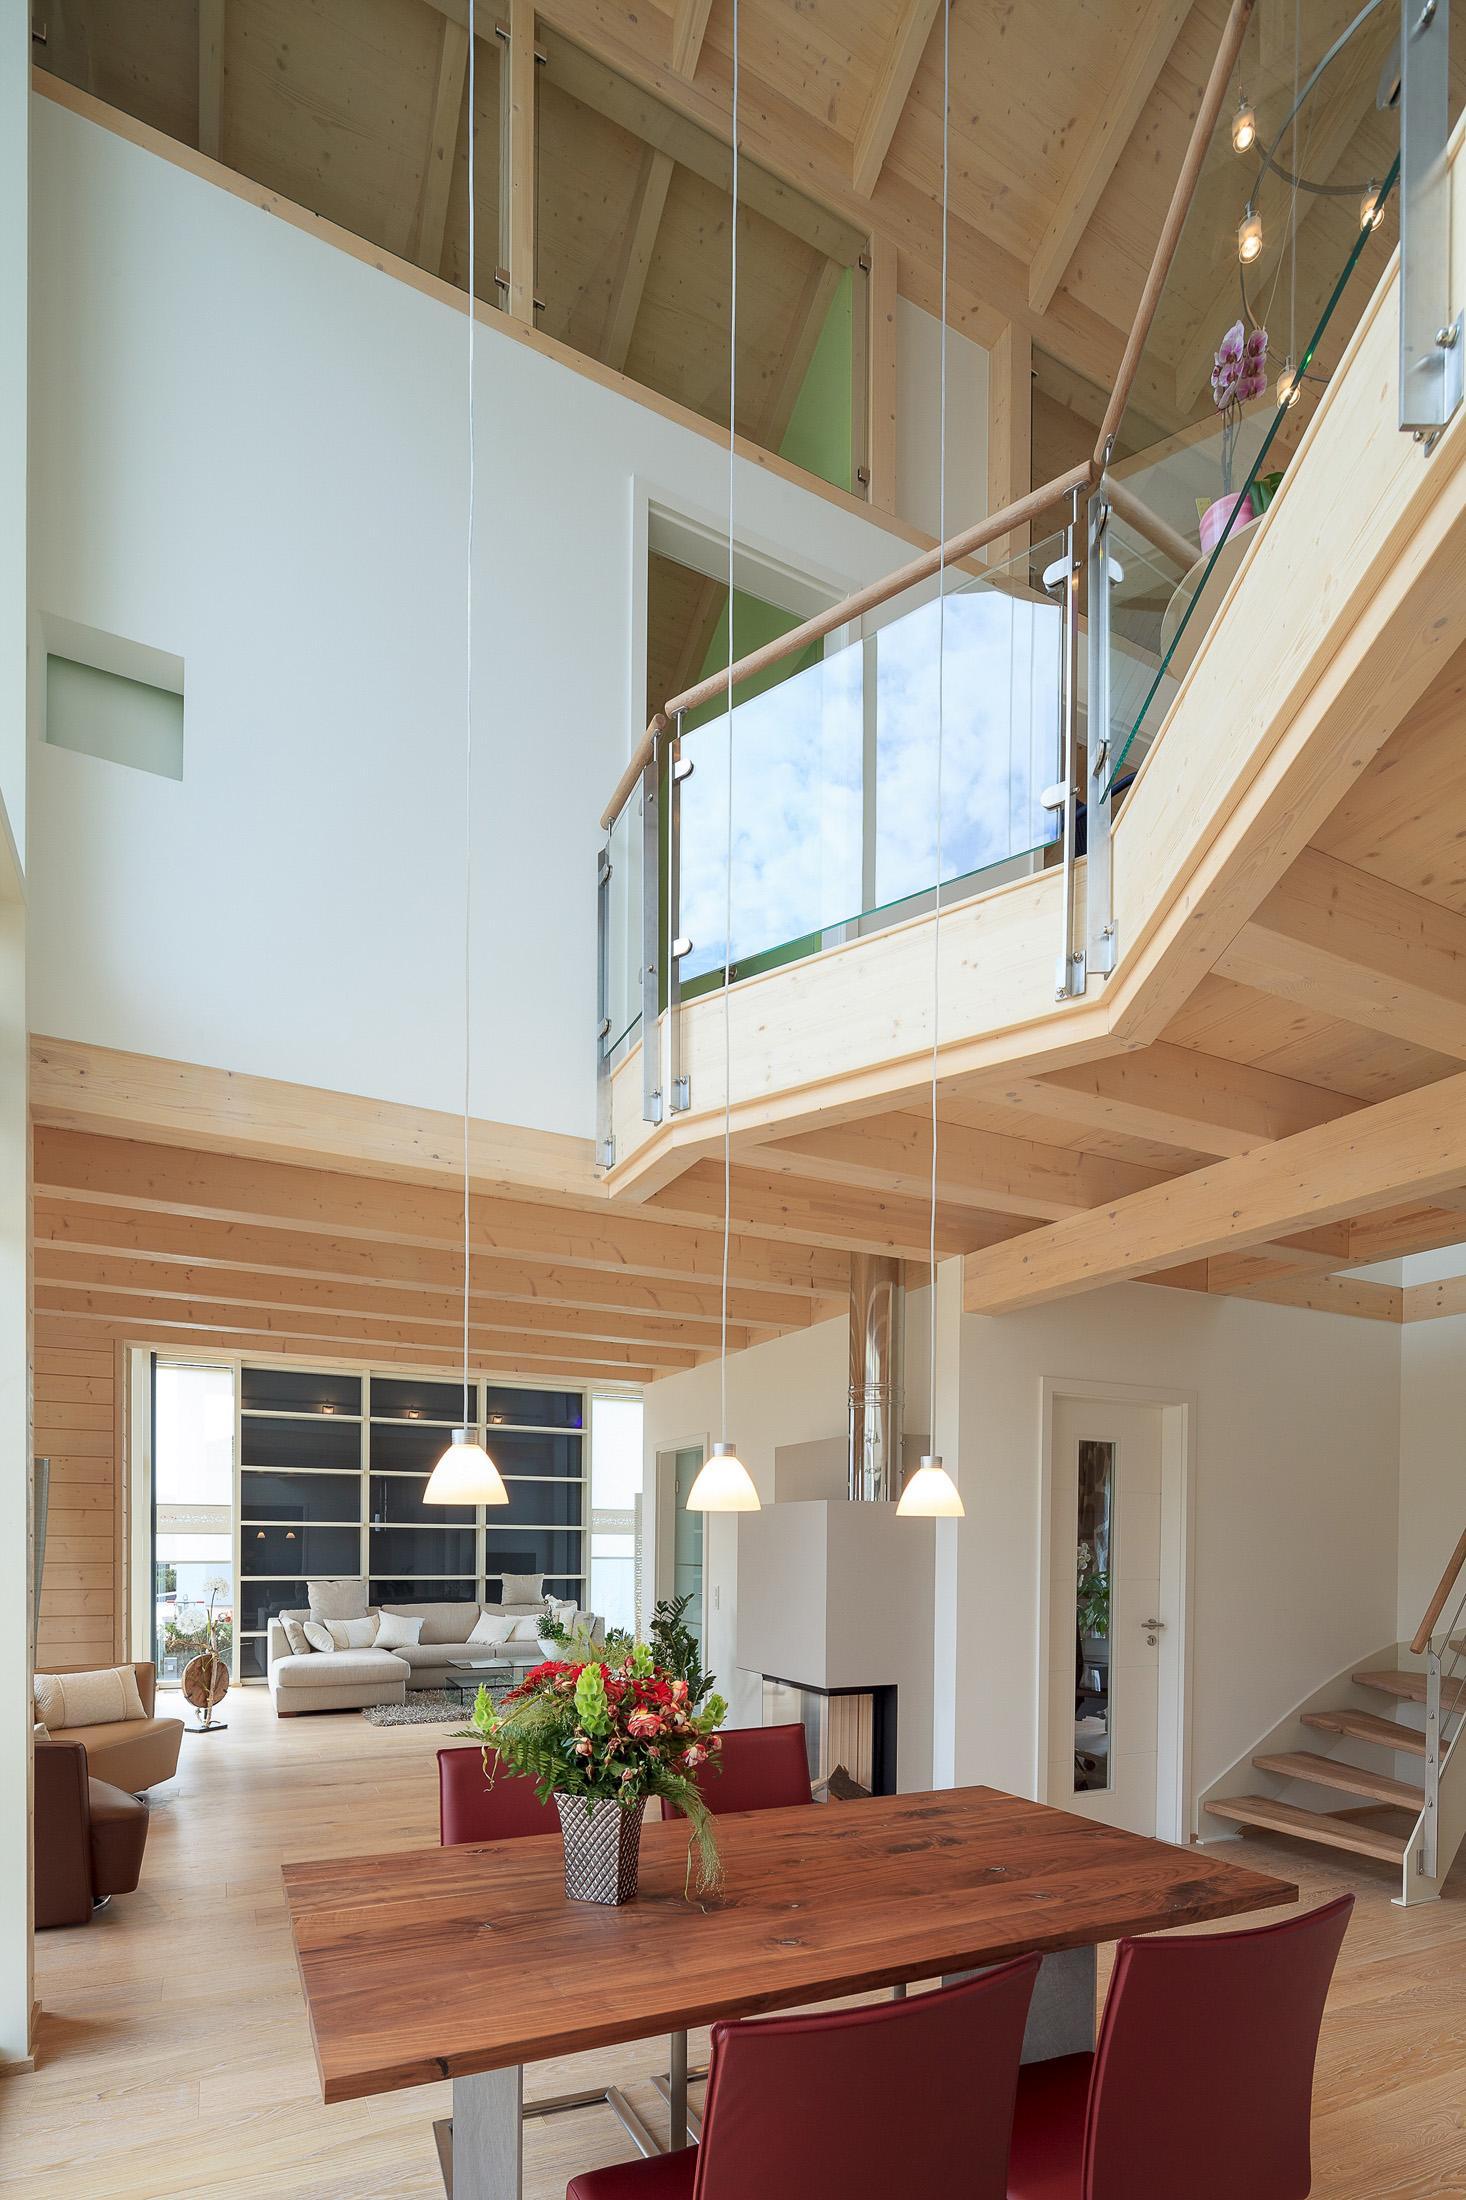 Offene treppe bilder ideen couch - Haus mit galerie im wohnzimmer ...